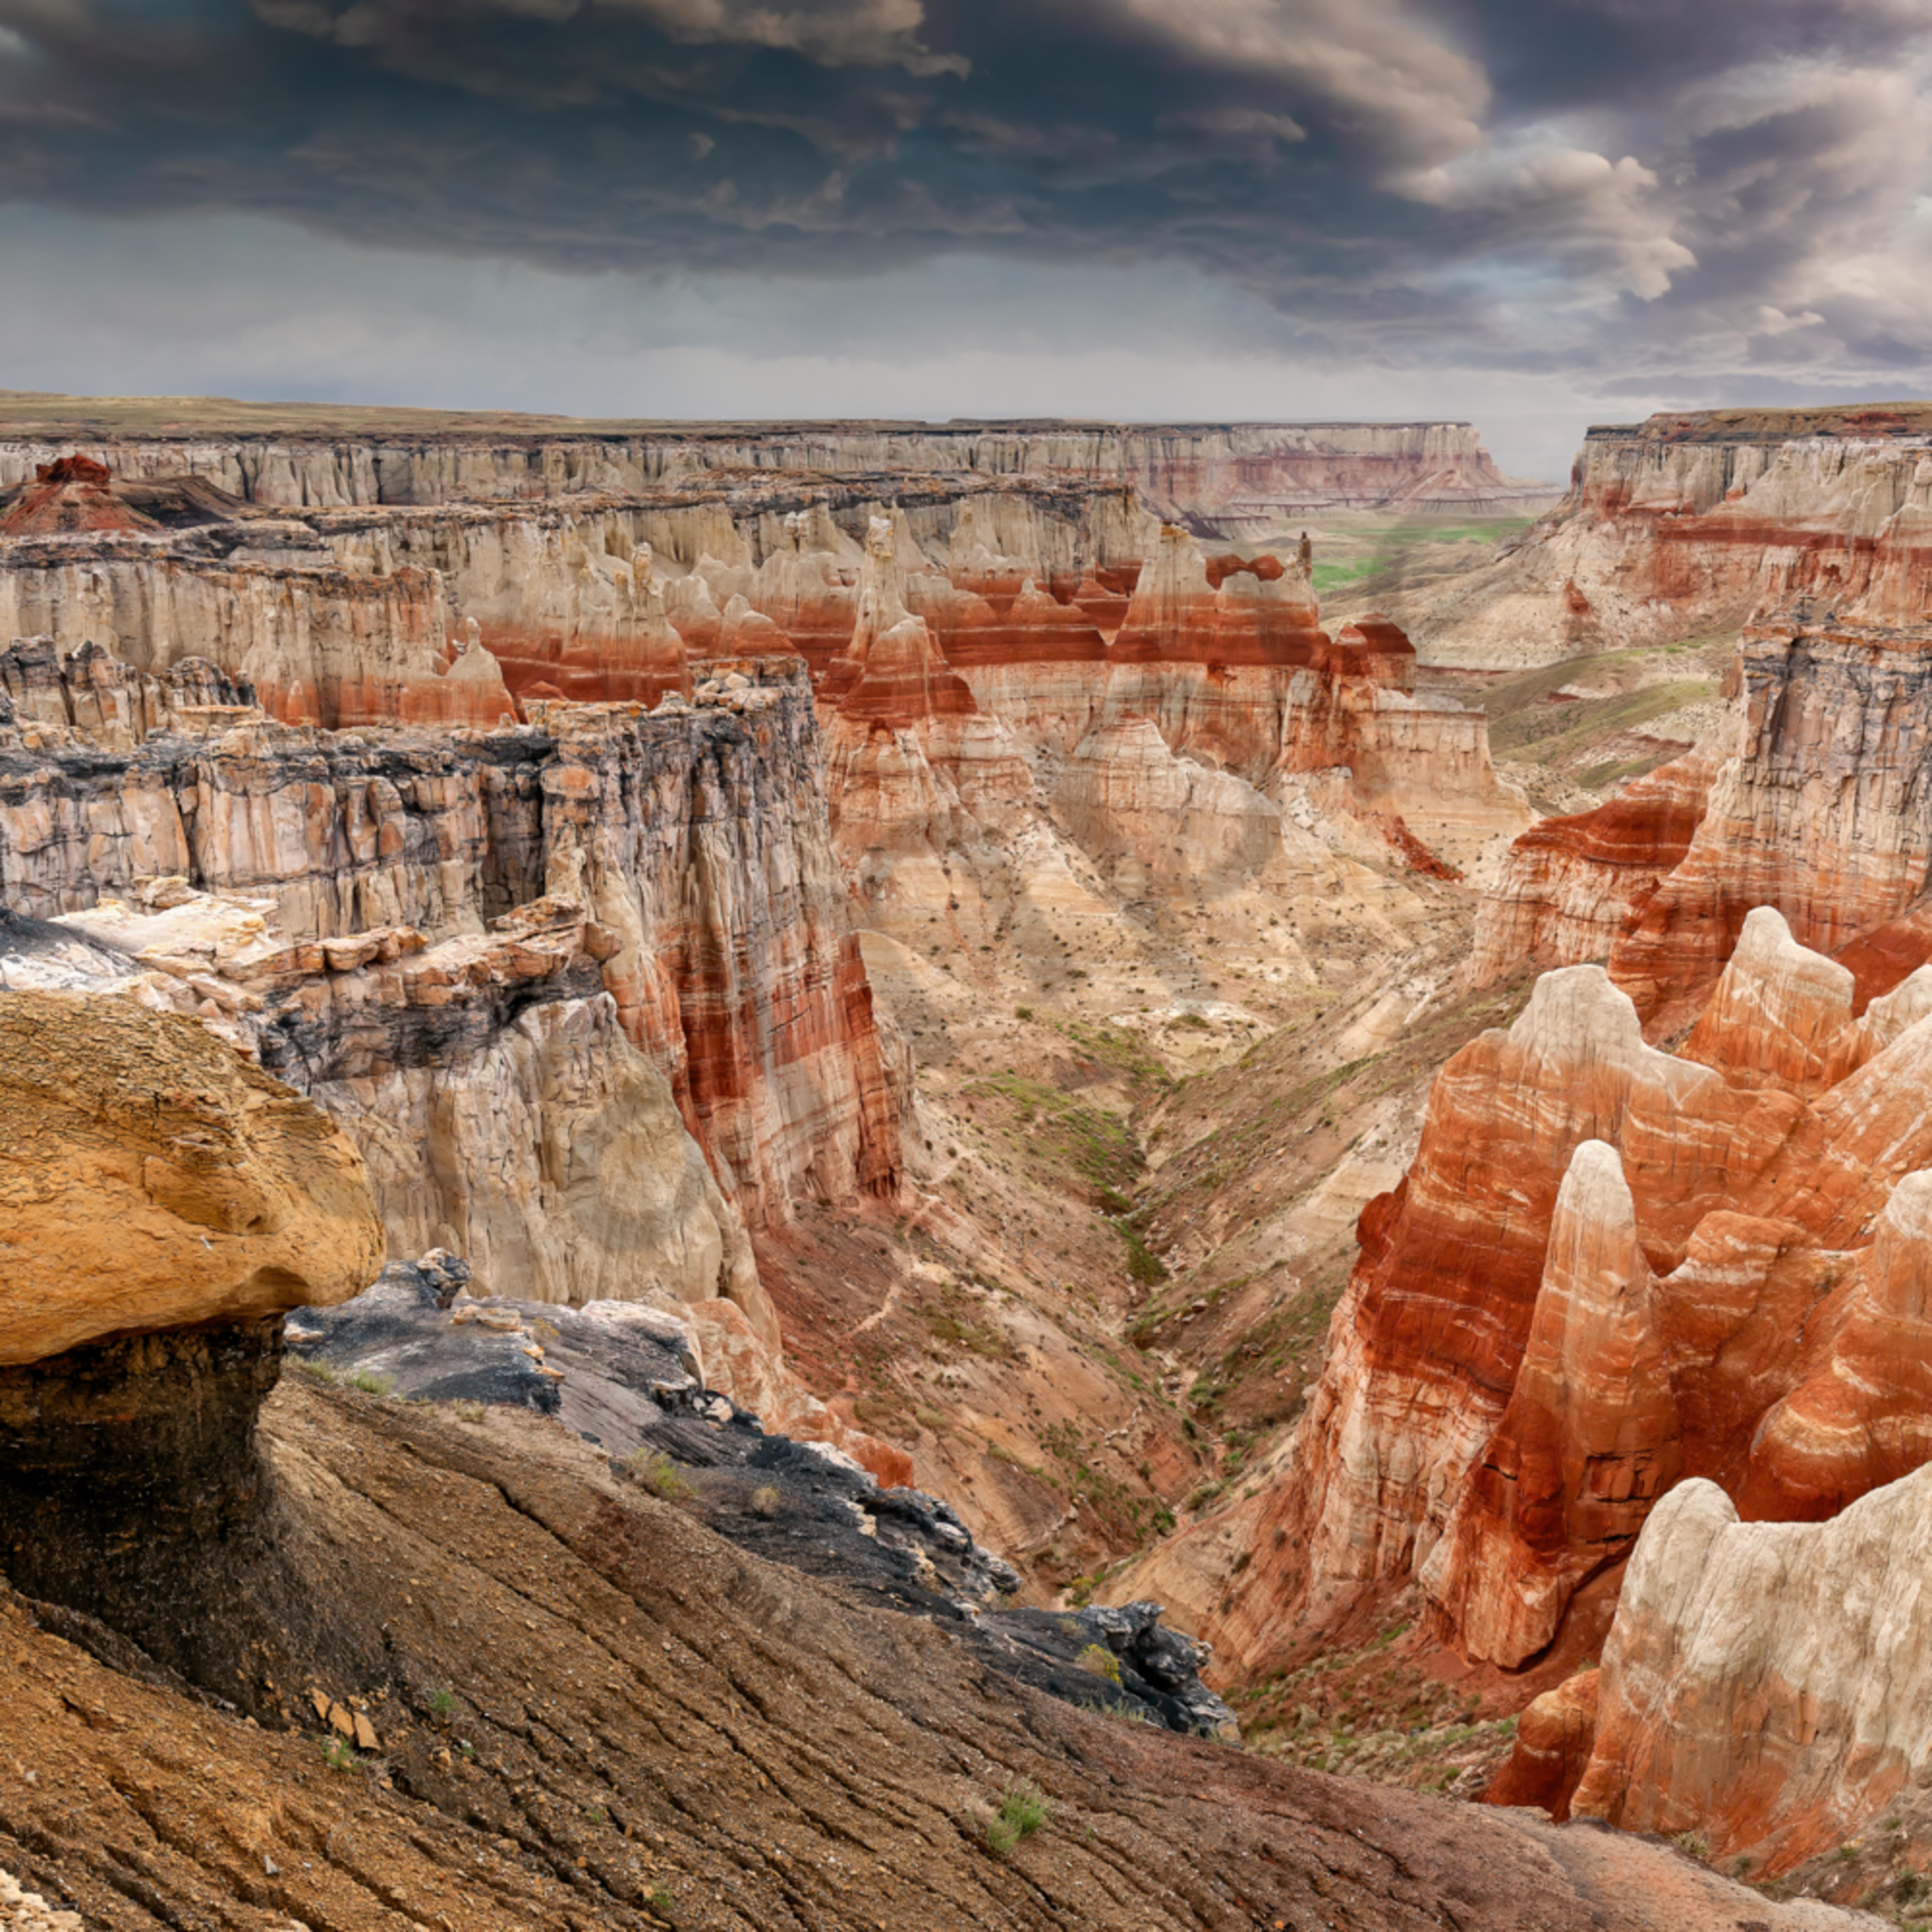 Coal mine canyon tuba city arizona cqj0aa